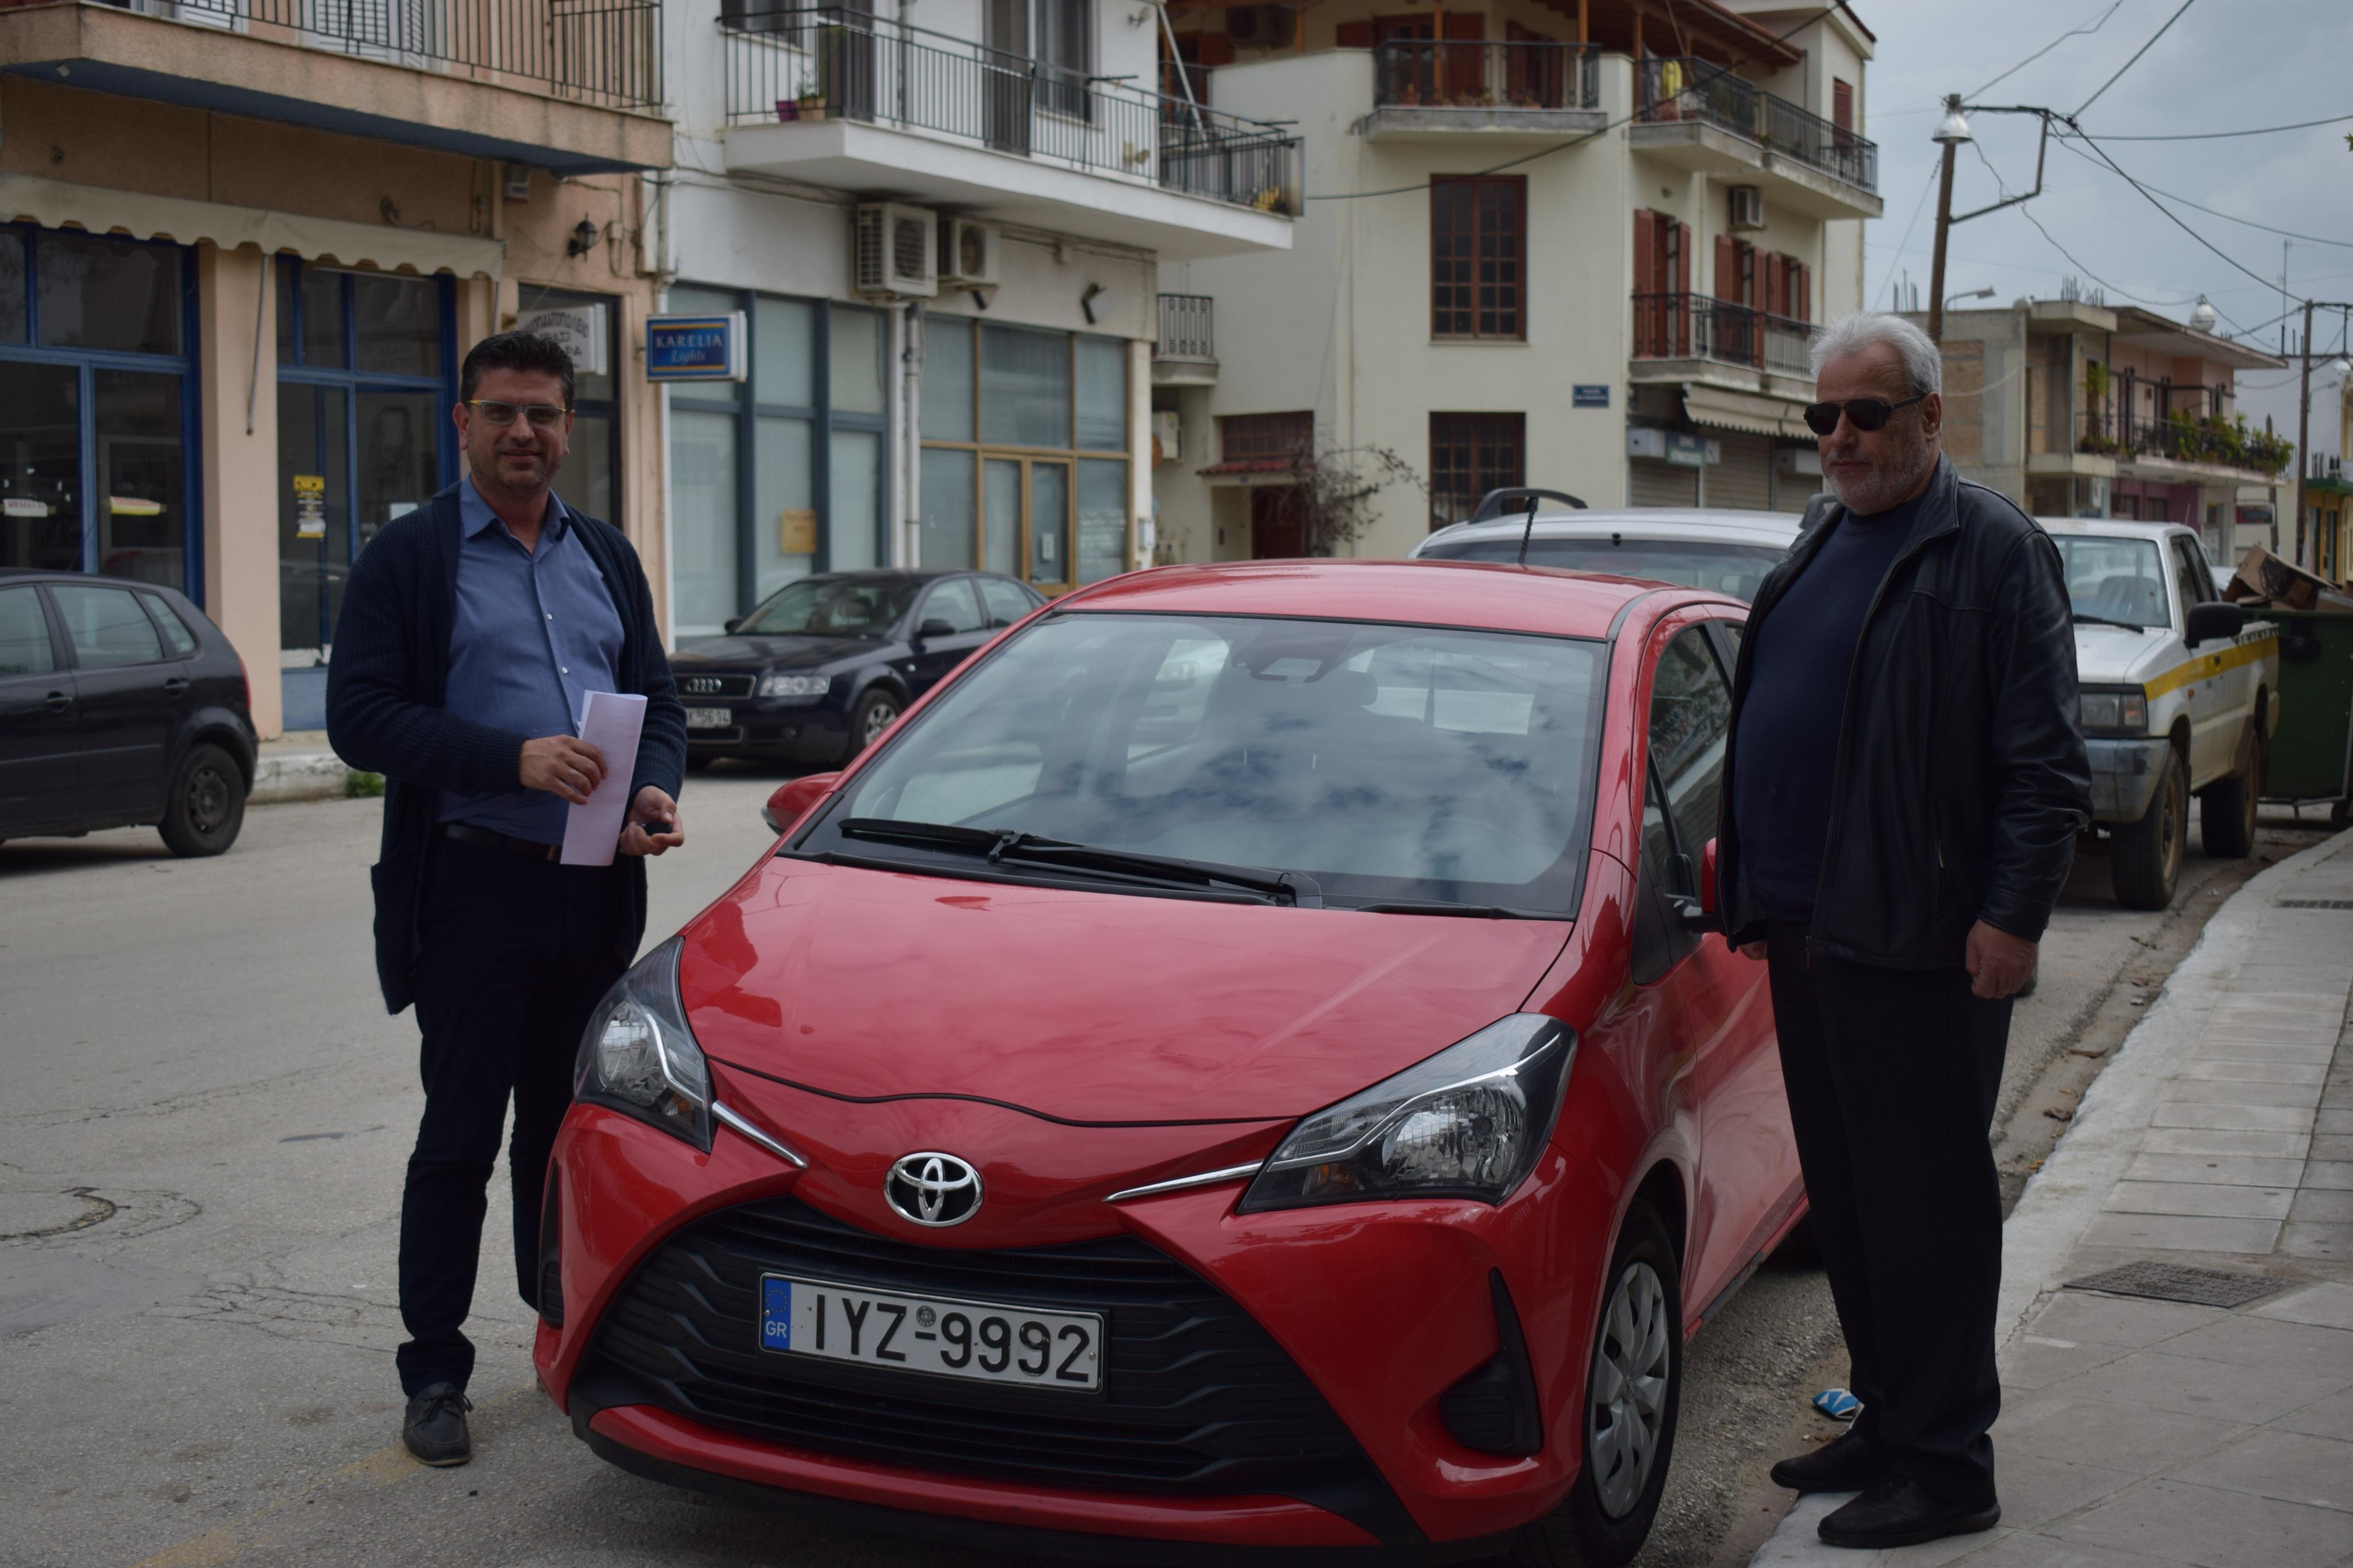 Δήμος Ανδραβίδας-Κυλλήνης: Παραλαβή δυο οχημάτων ύστερα από πρωτοβουλία της ΚΕΔΕ για την ενίσχυση της «Βοήθειας στο σπίτι» (photos)